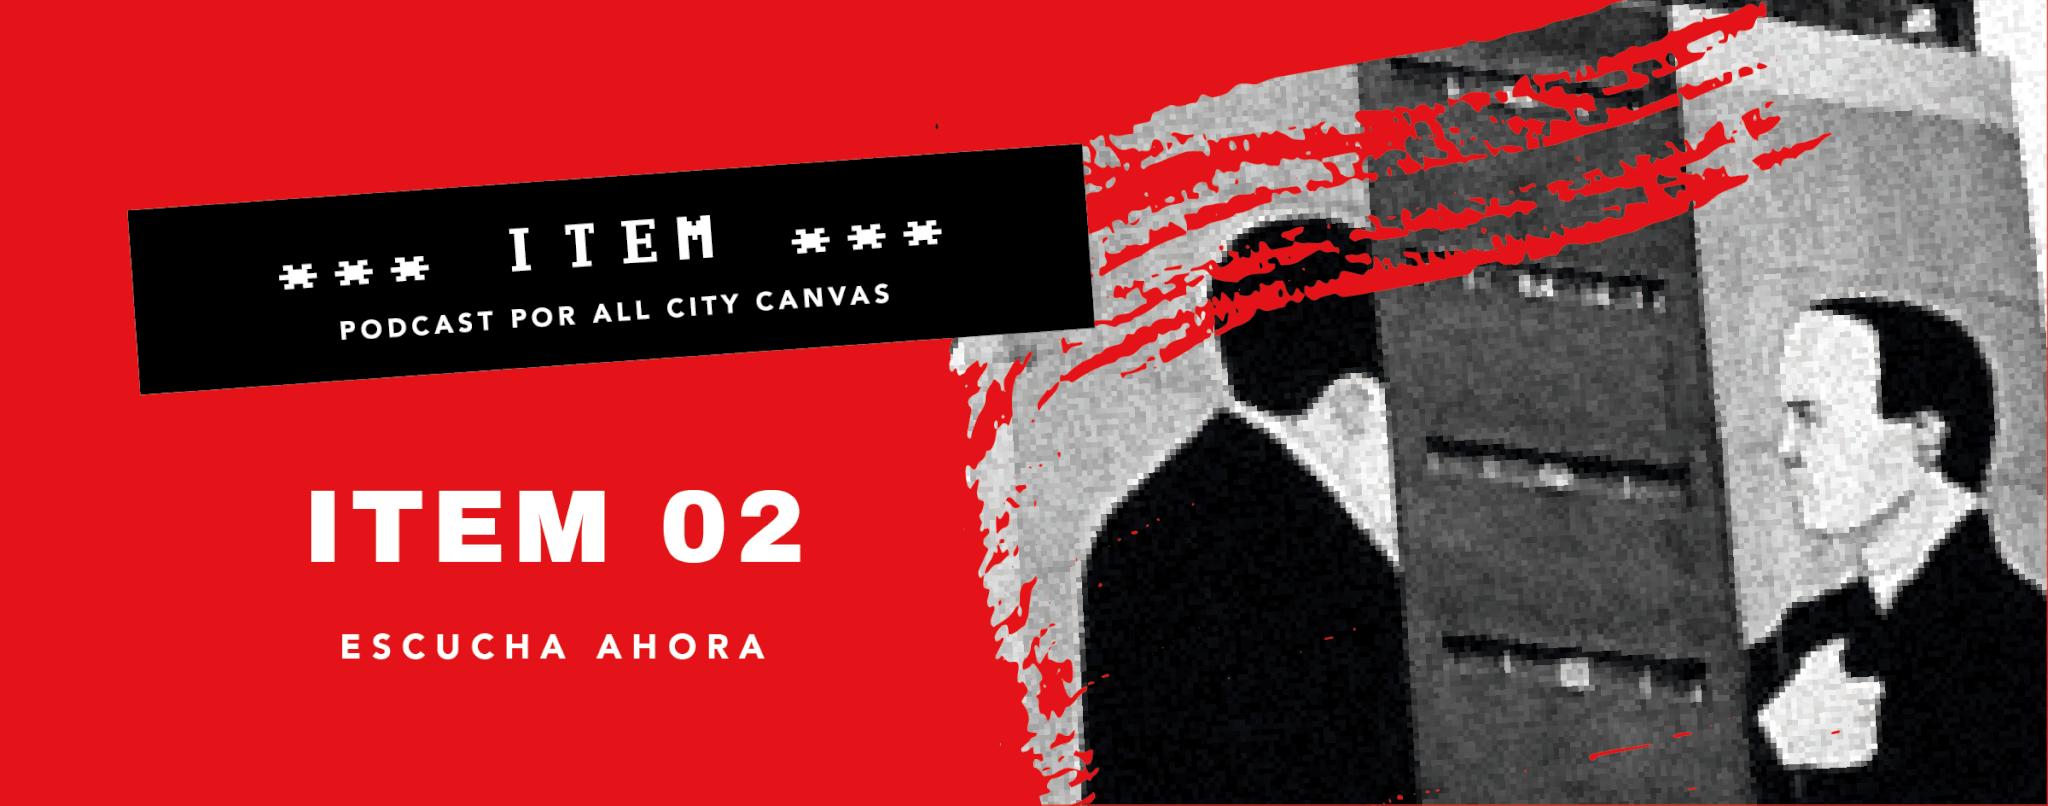 ITEM 02 – Los expedientes secretos del Festival All City Canvas 2012 – Parte 1